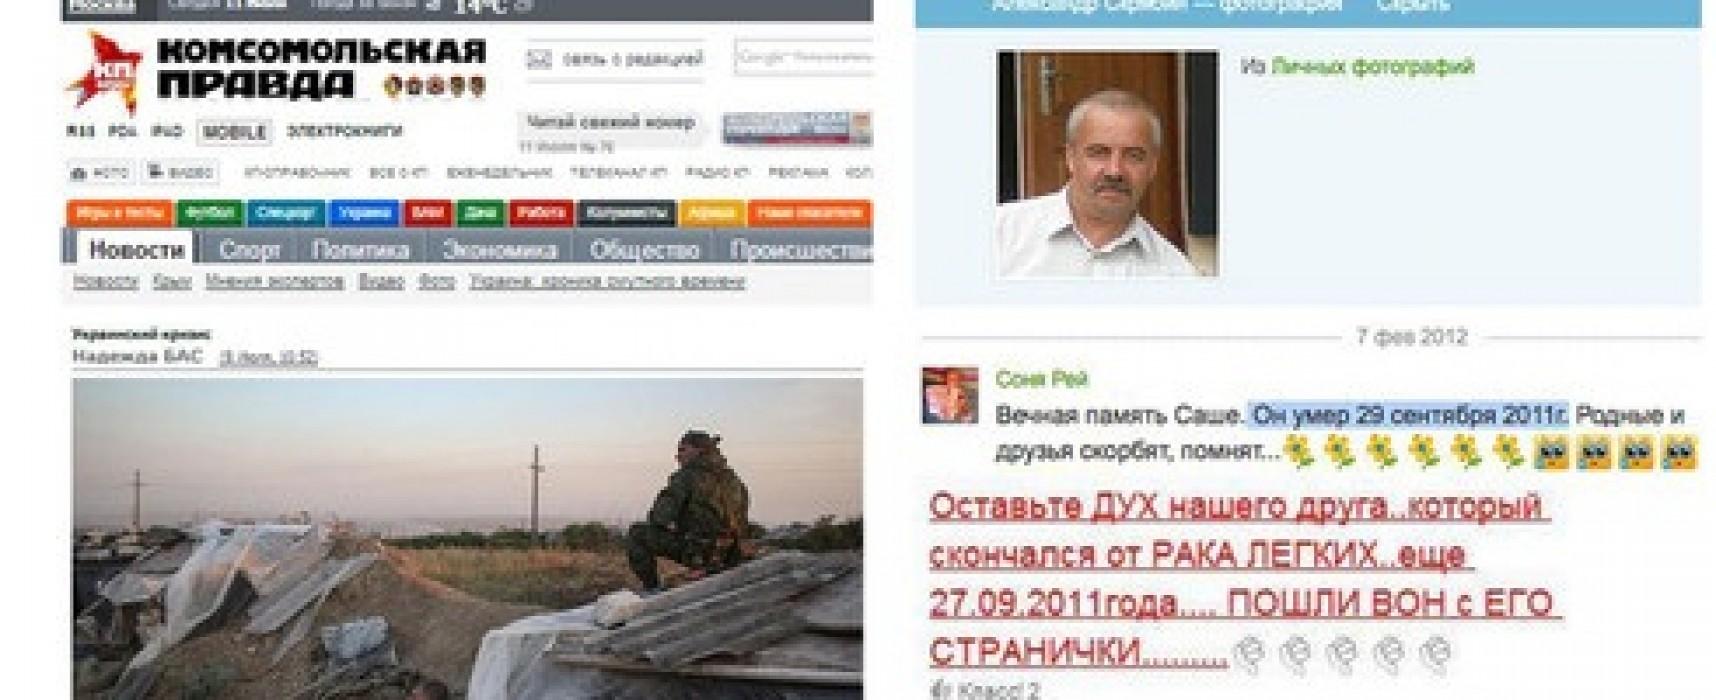 Топ-факты российской лжи об Украине. Часть 4